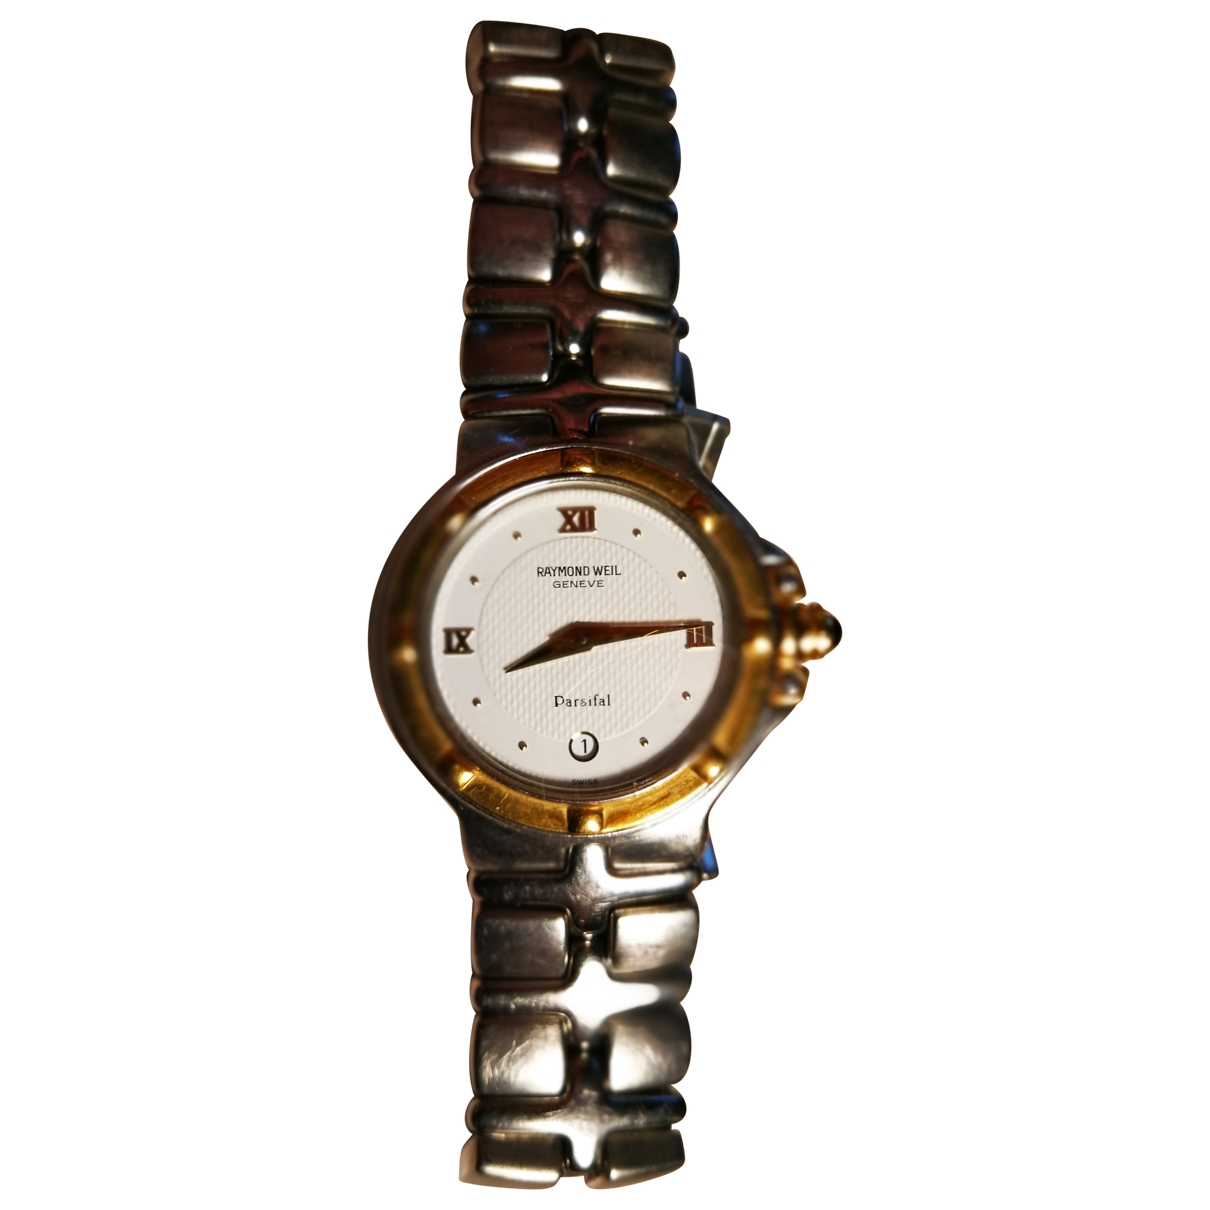 Raymond Weil \N Uhr in  Silber Gold und Stahl